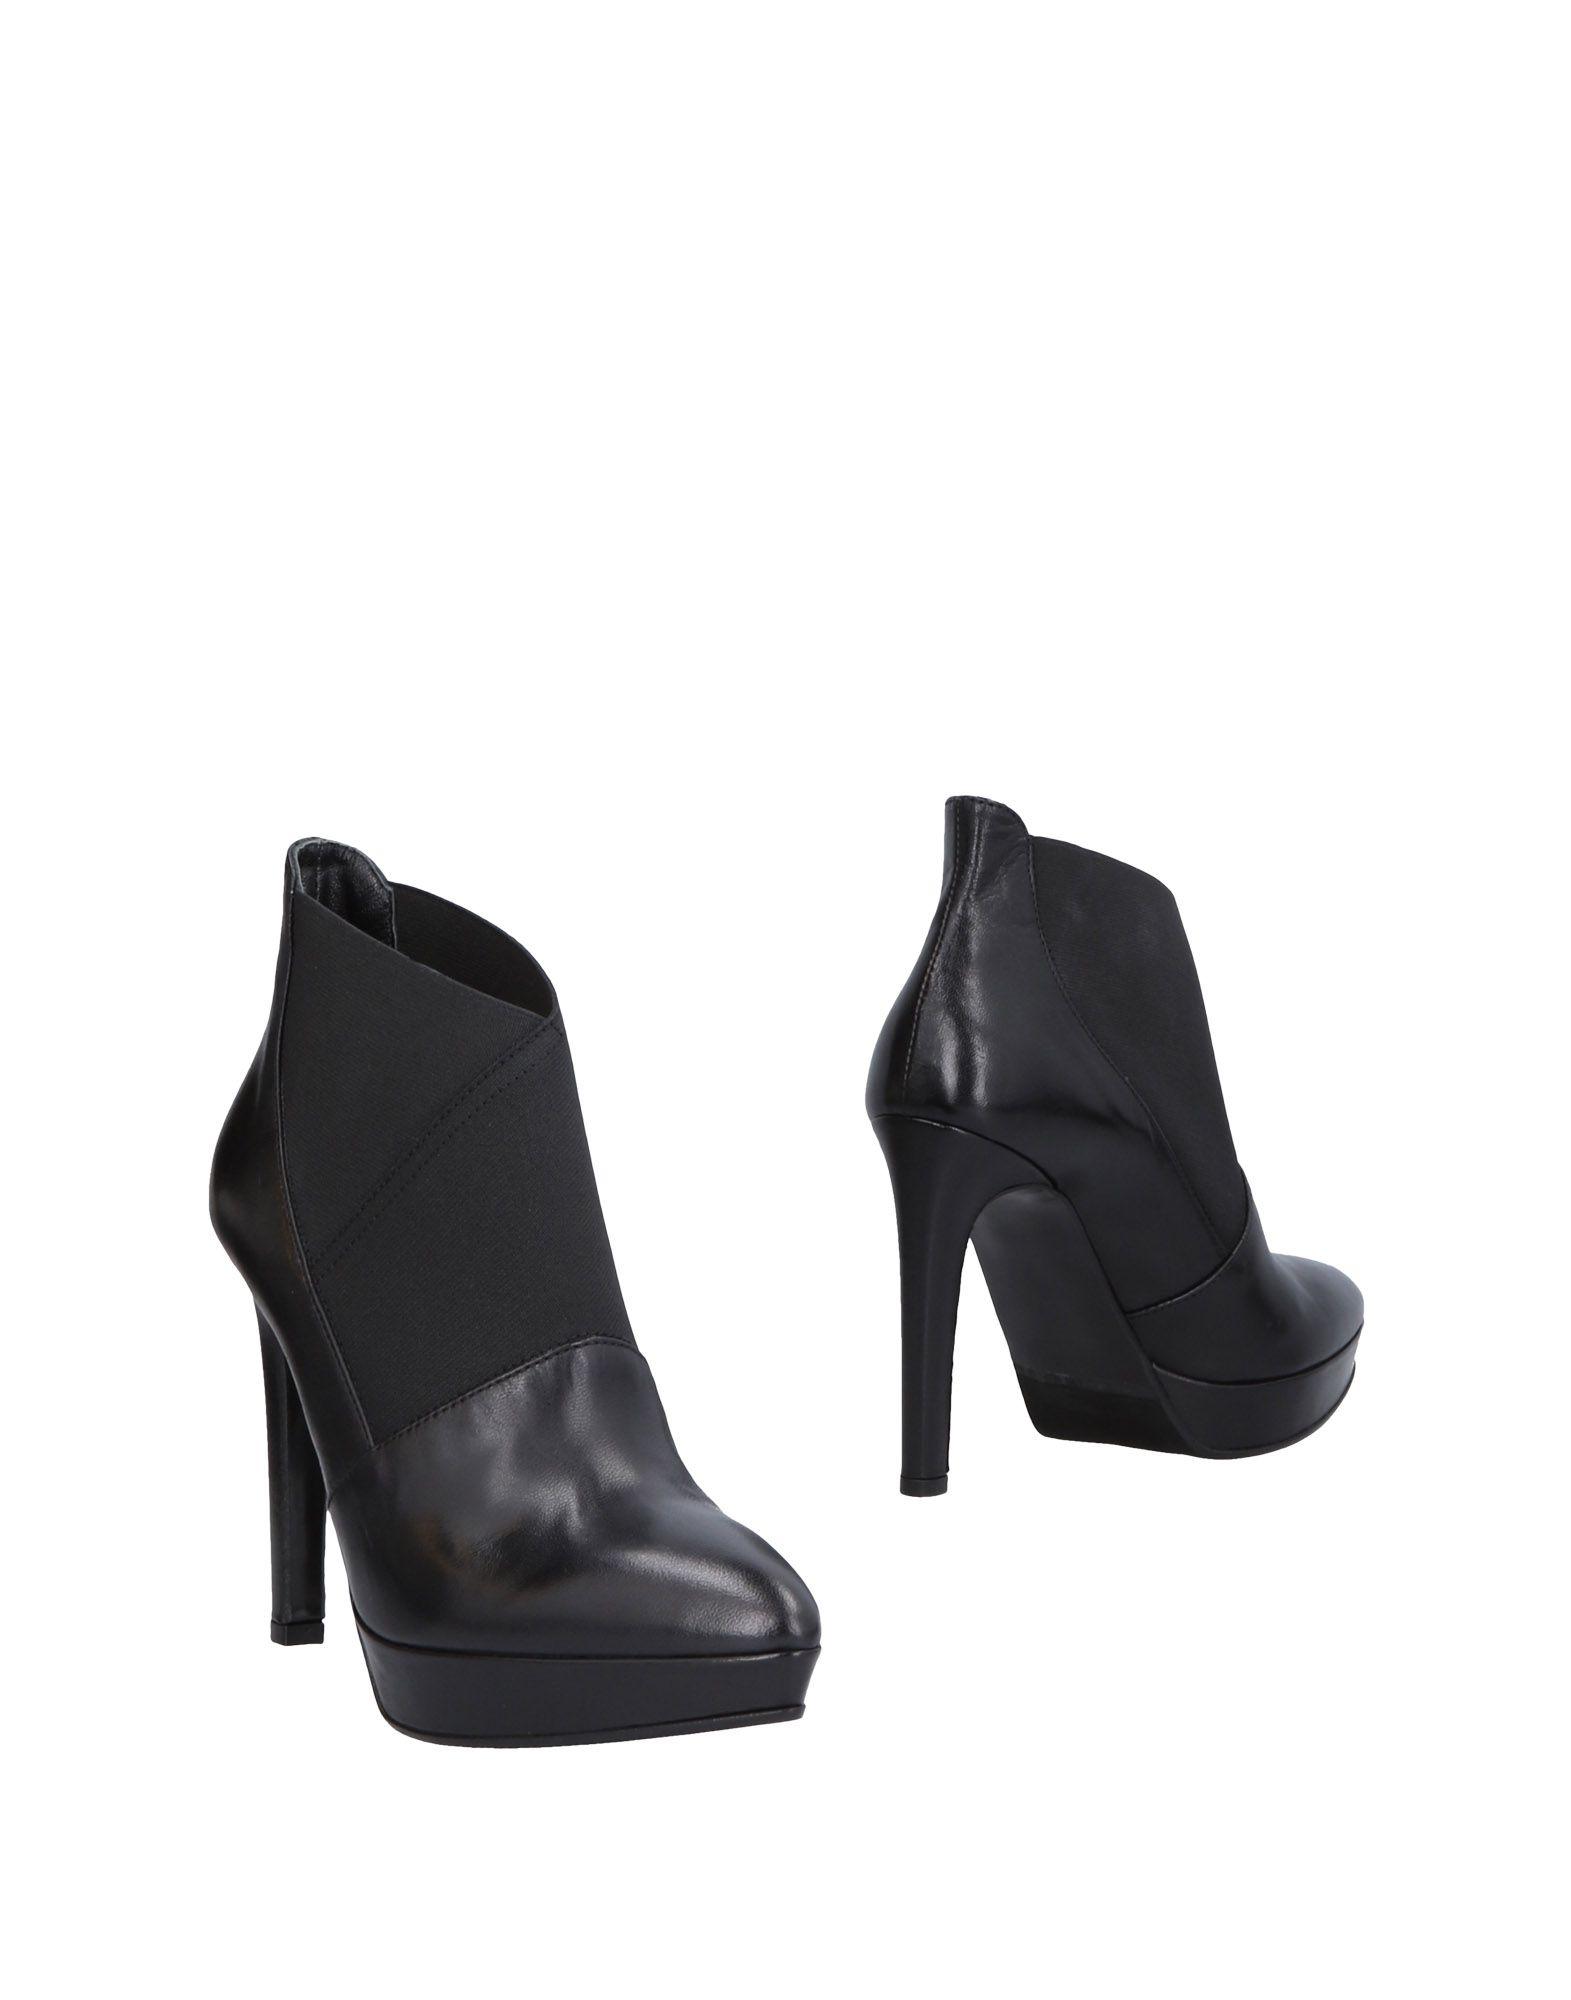 Manì Per Donna Gute Più Stiefelette Damen  11462664VW Gute Donna Qualität beliebte Schuhe 5c2a32